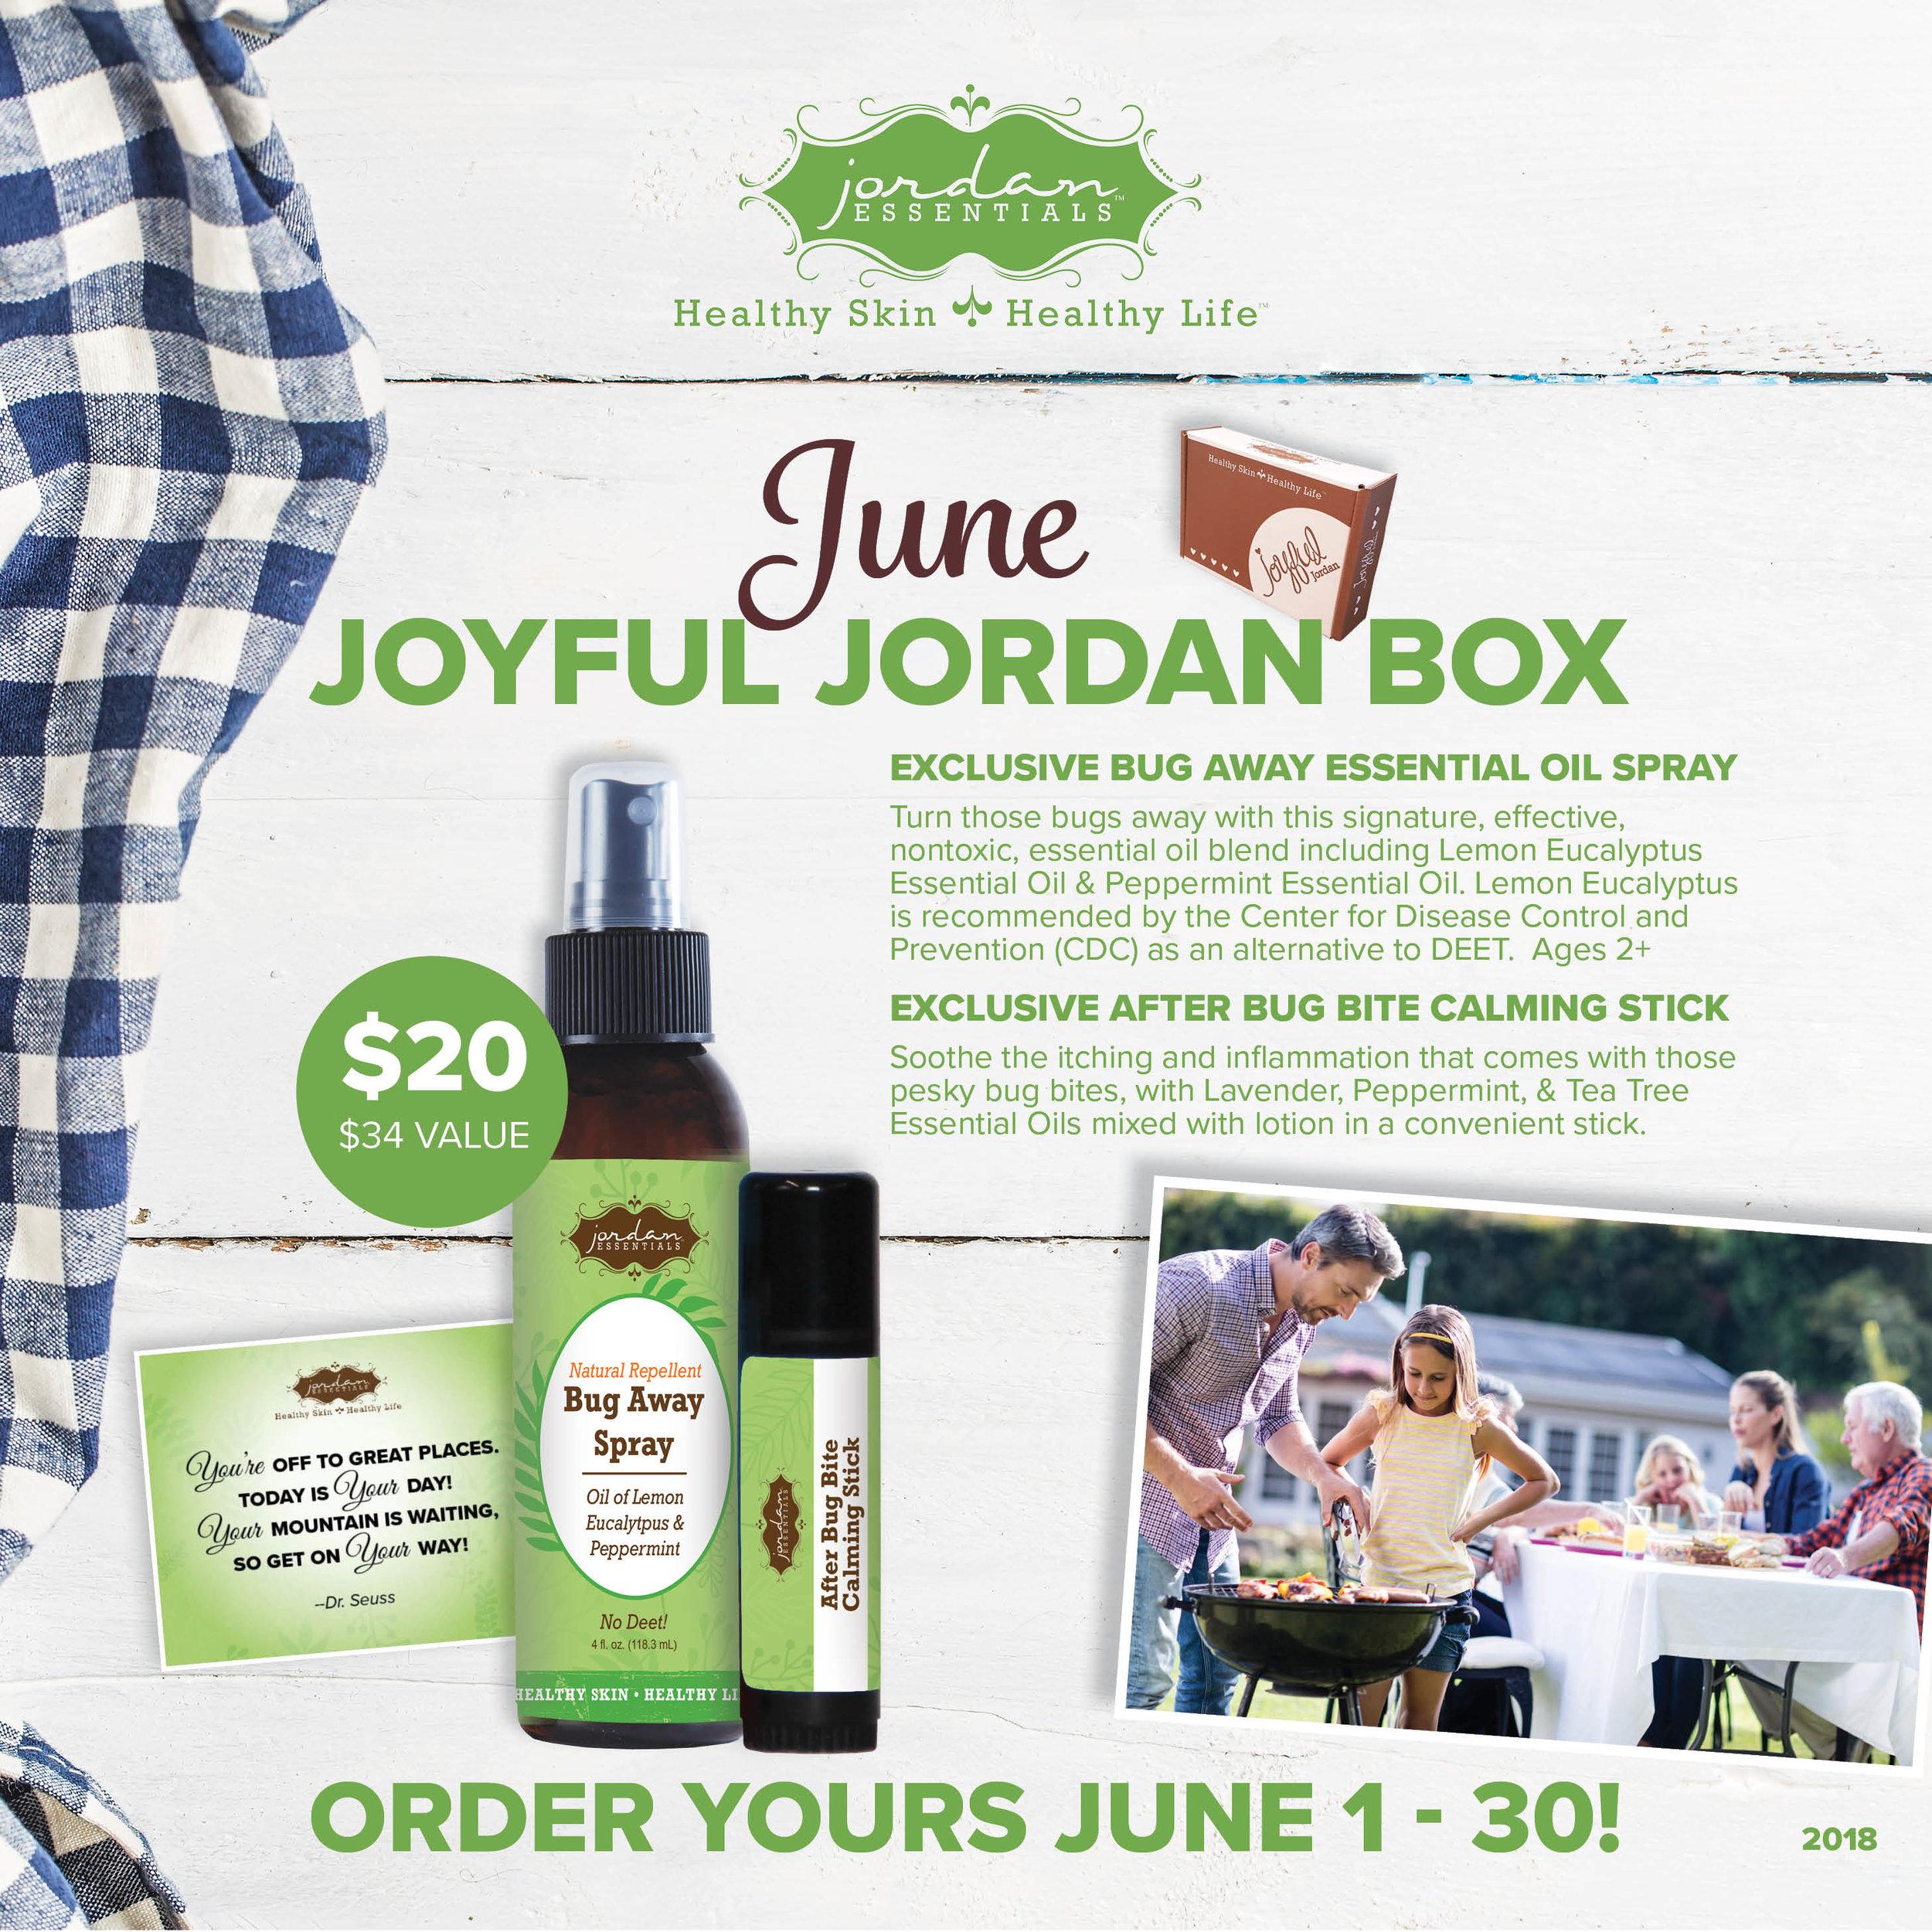 Joyful Jordan Box - June 2018.jpg